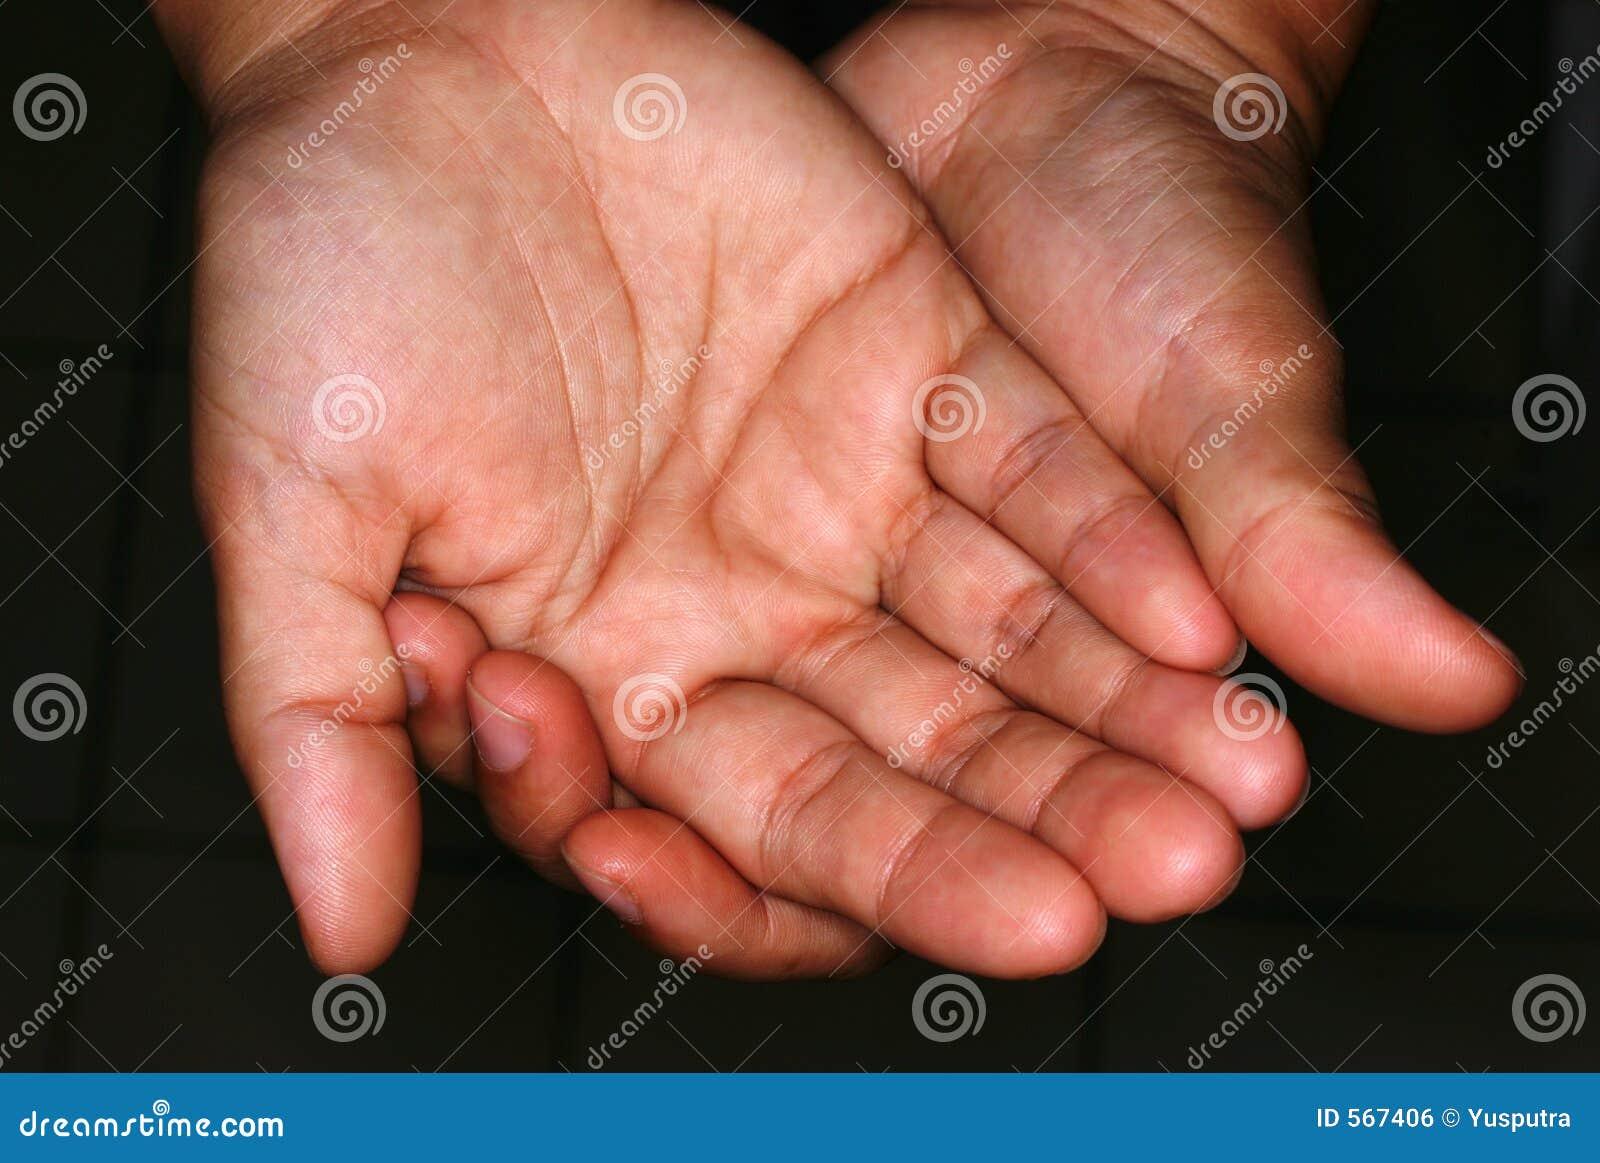 Dwie ręce